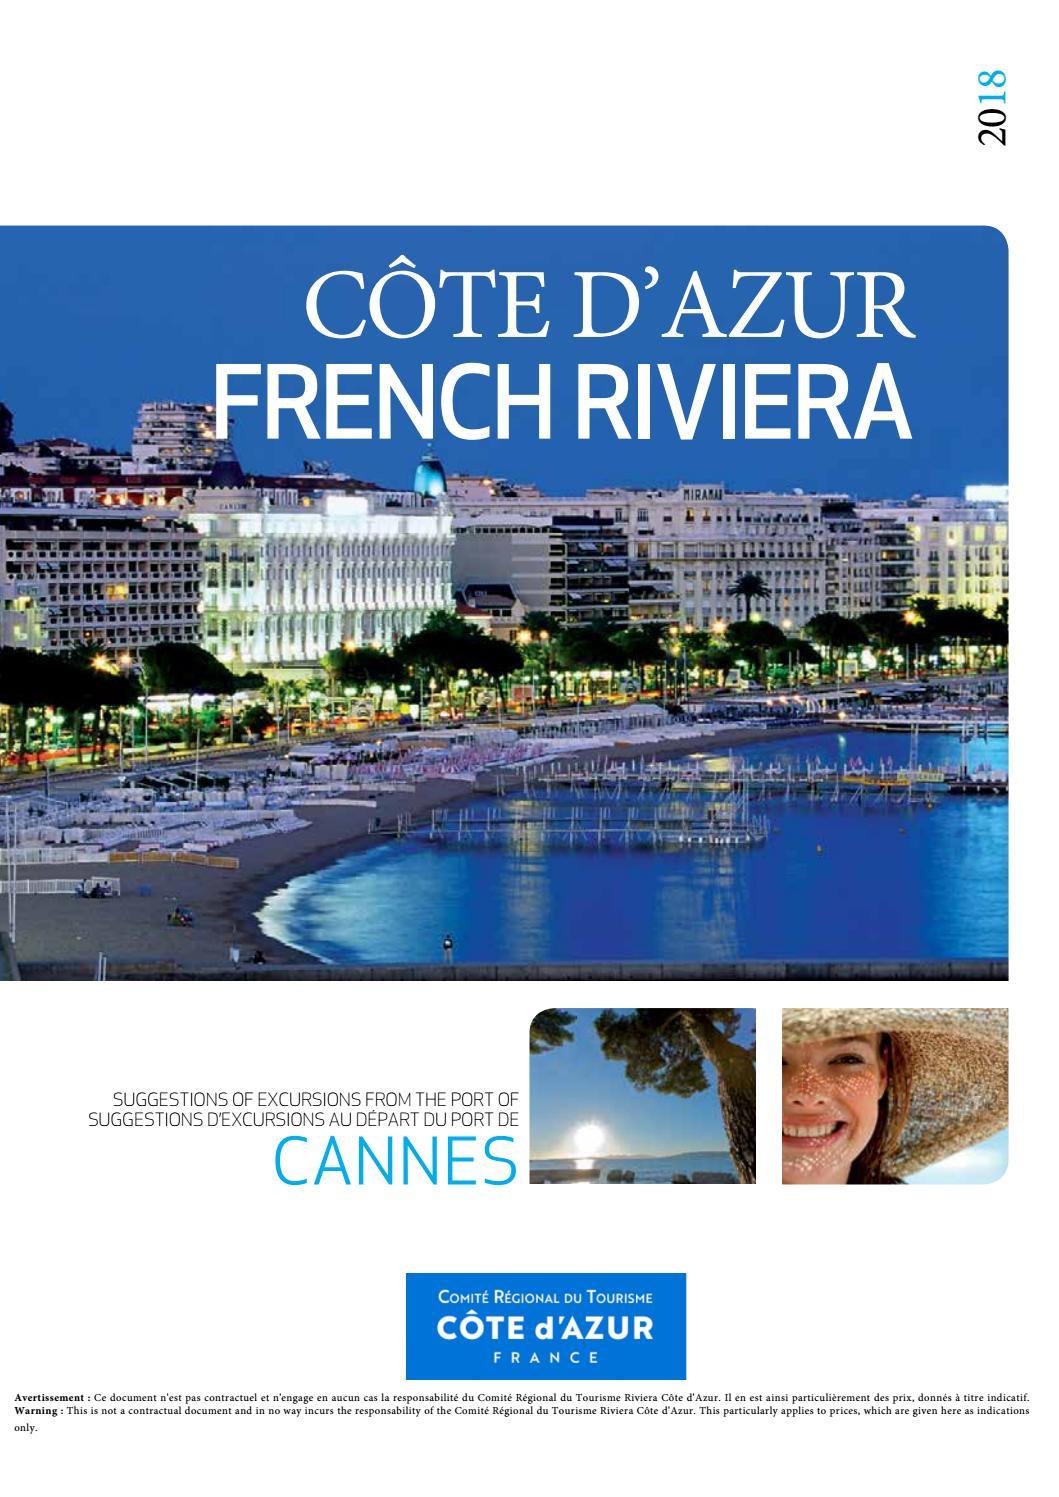 Excursions au départ du port de Cannes - Côte d Azur by CCI Nice Côte  d Azur - issuu 0bc63b01c1d